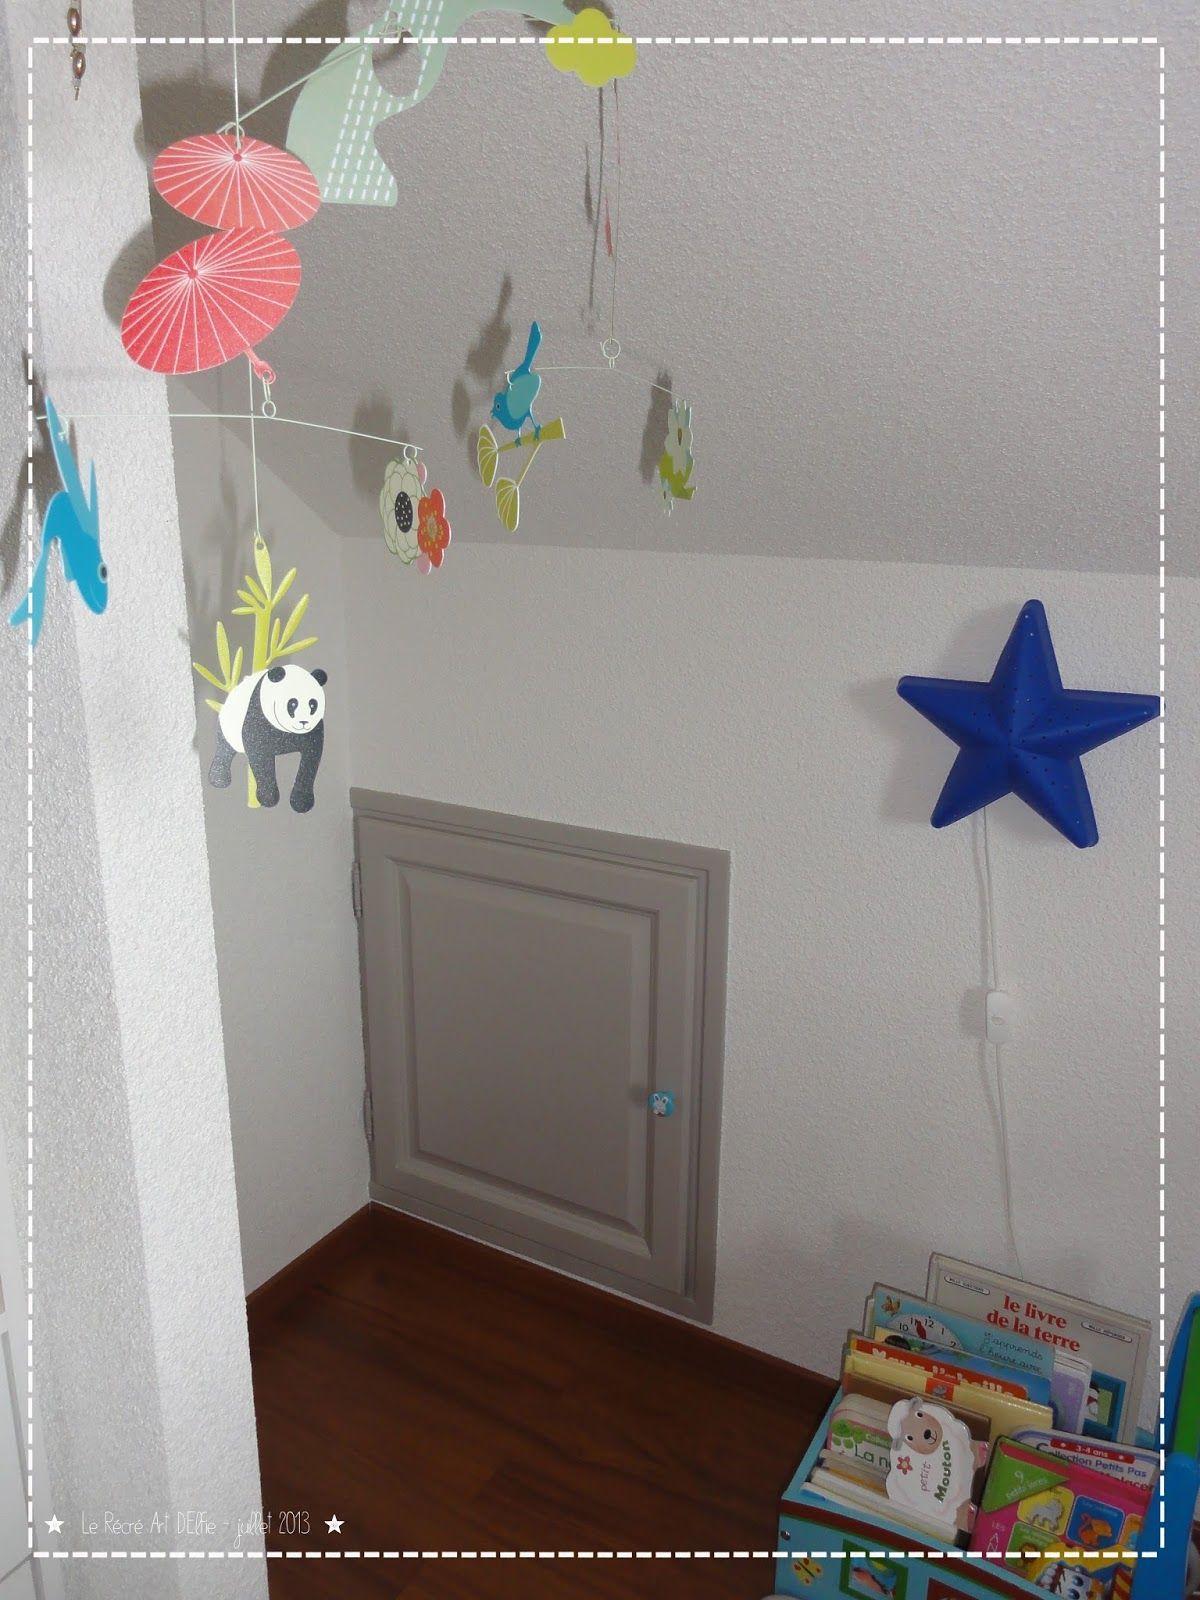 cachette secr¨te dans chambre enfant by Le RécréArt d Elfie